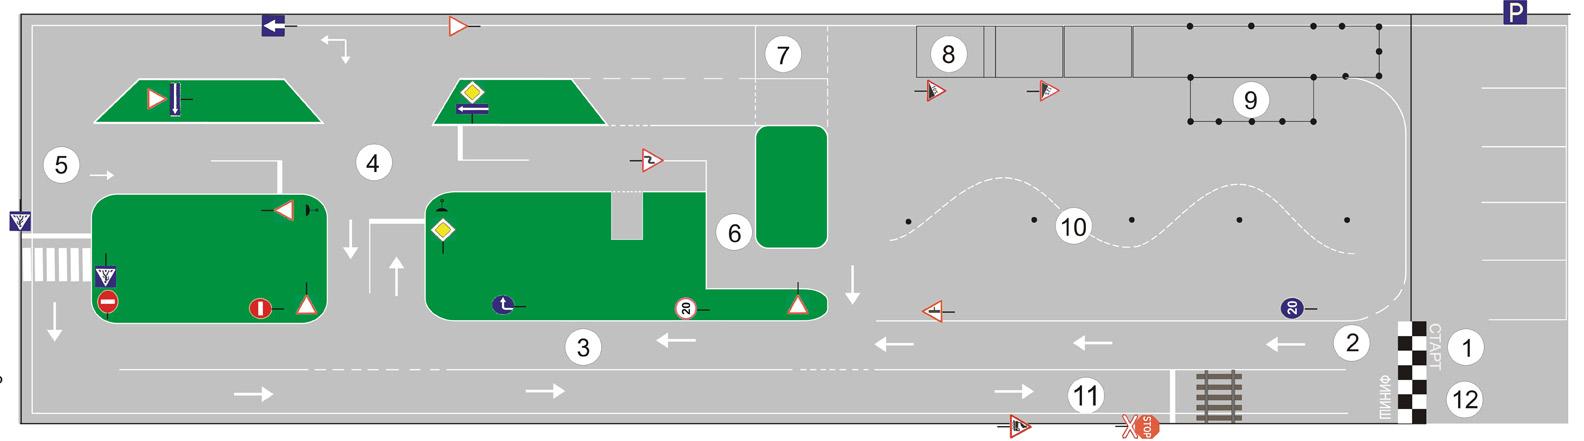 Площадка автошколы схема